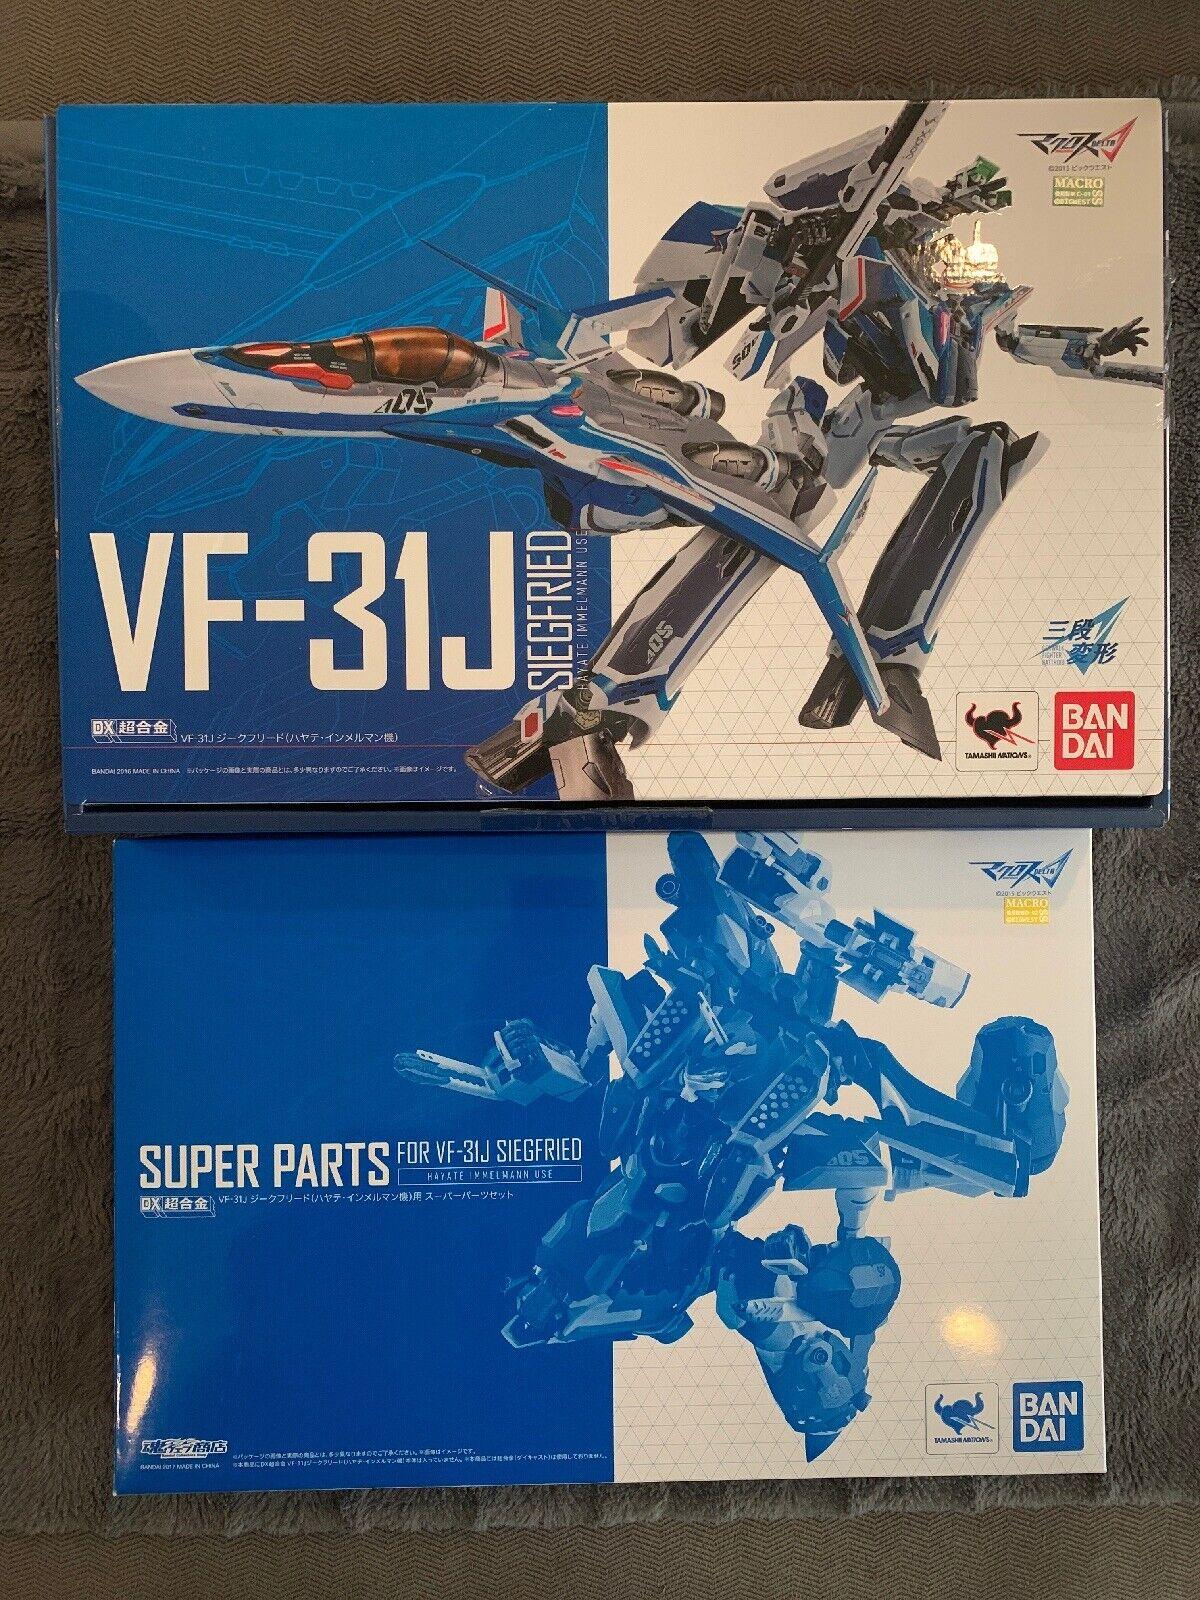 MACROSS  DELTA VF-31J DX CHOGOKIN e SUPER PARTS Set Beai Hayate Immeluomon  ordina ora con grande sconto e consegna gratuita